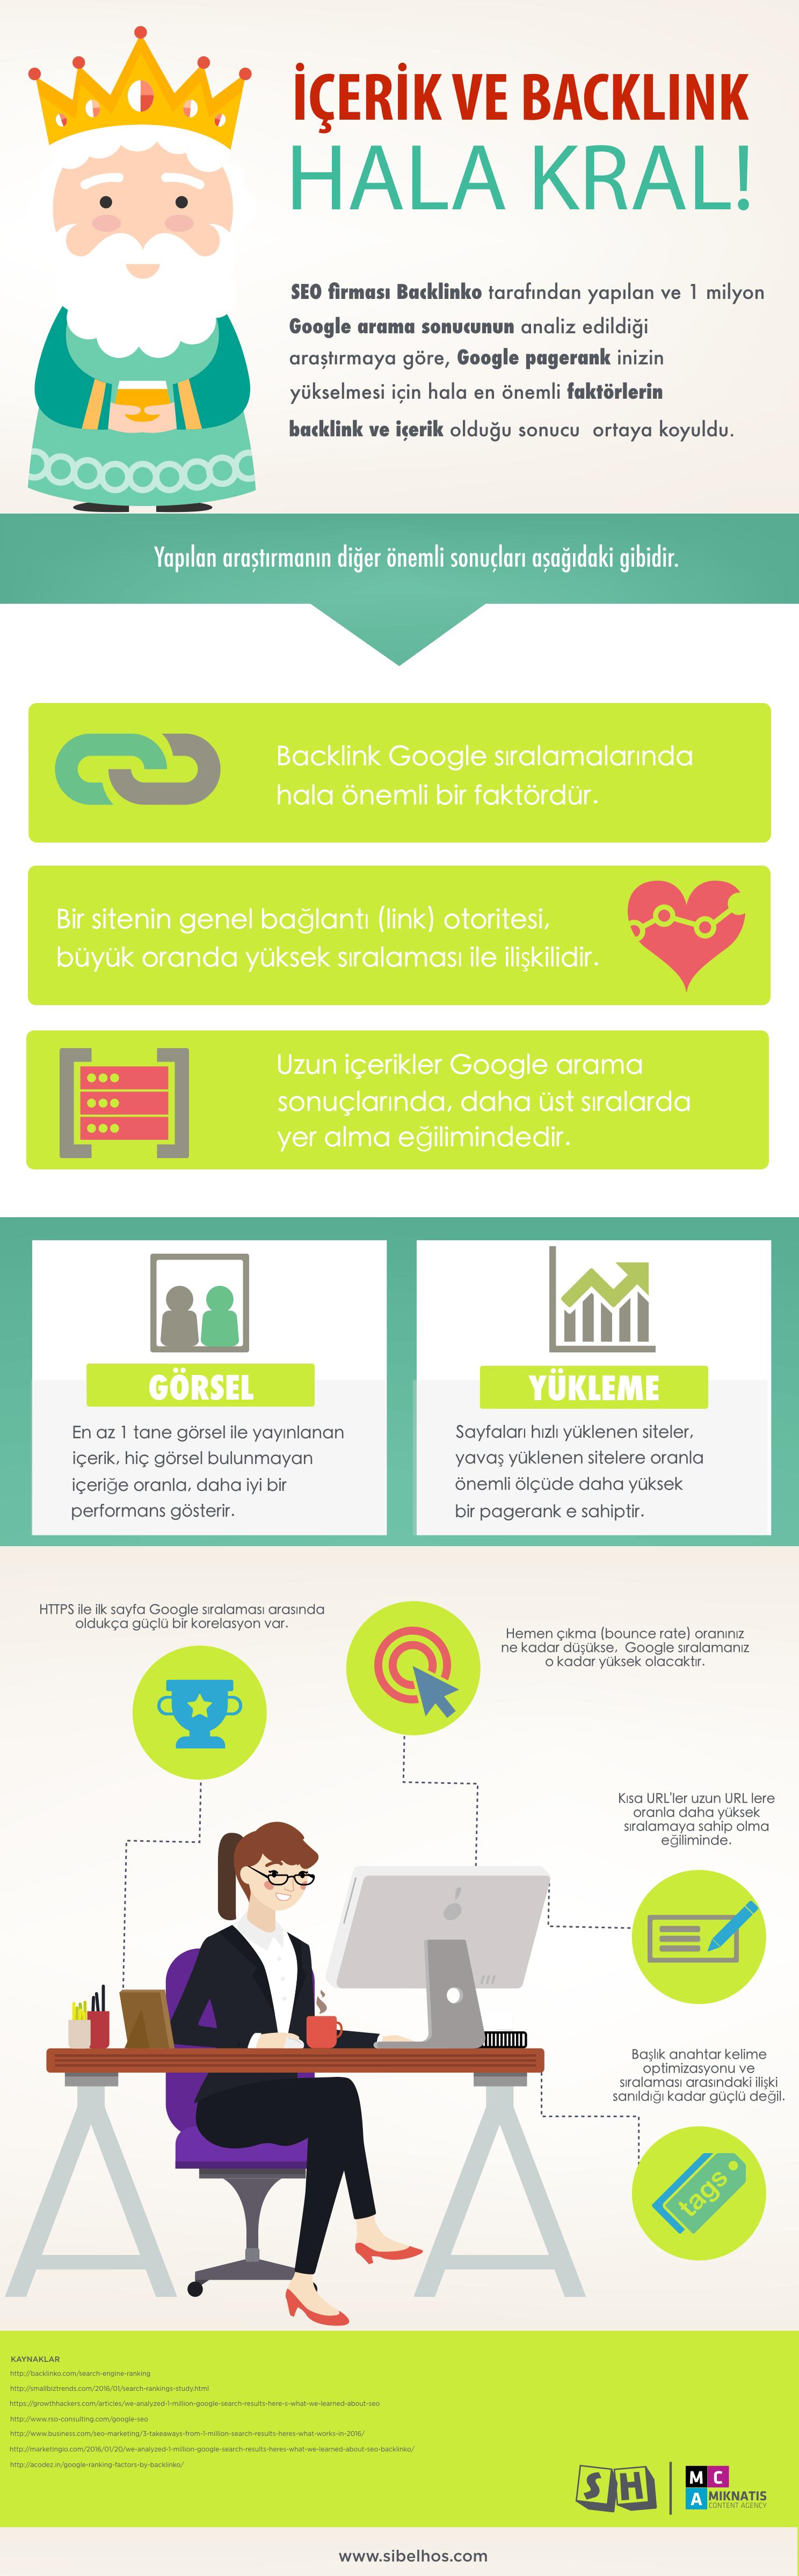 icerik-ve-backlink-hala-kral-infografik-001